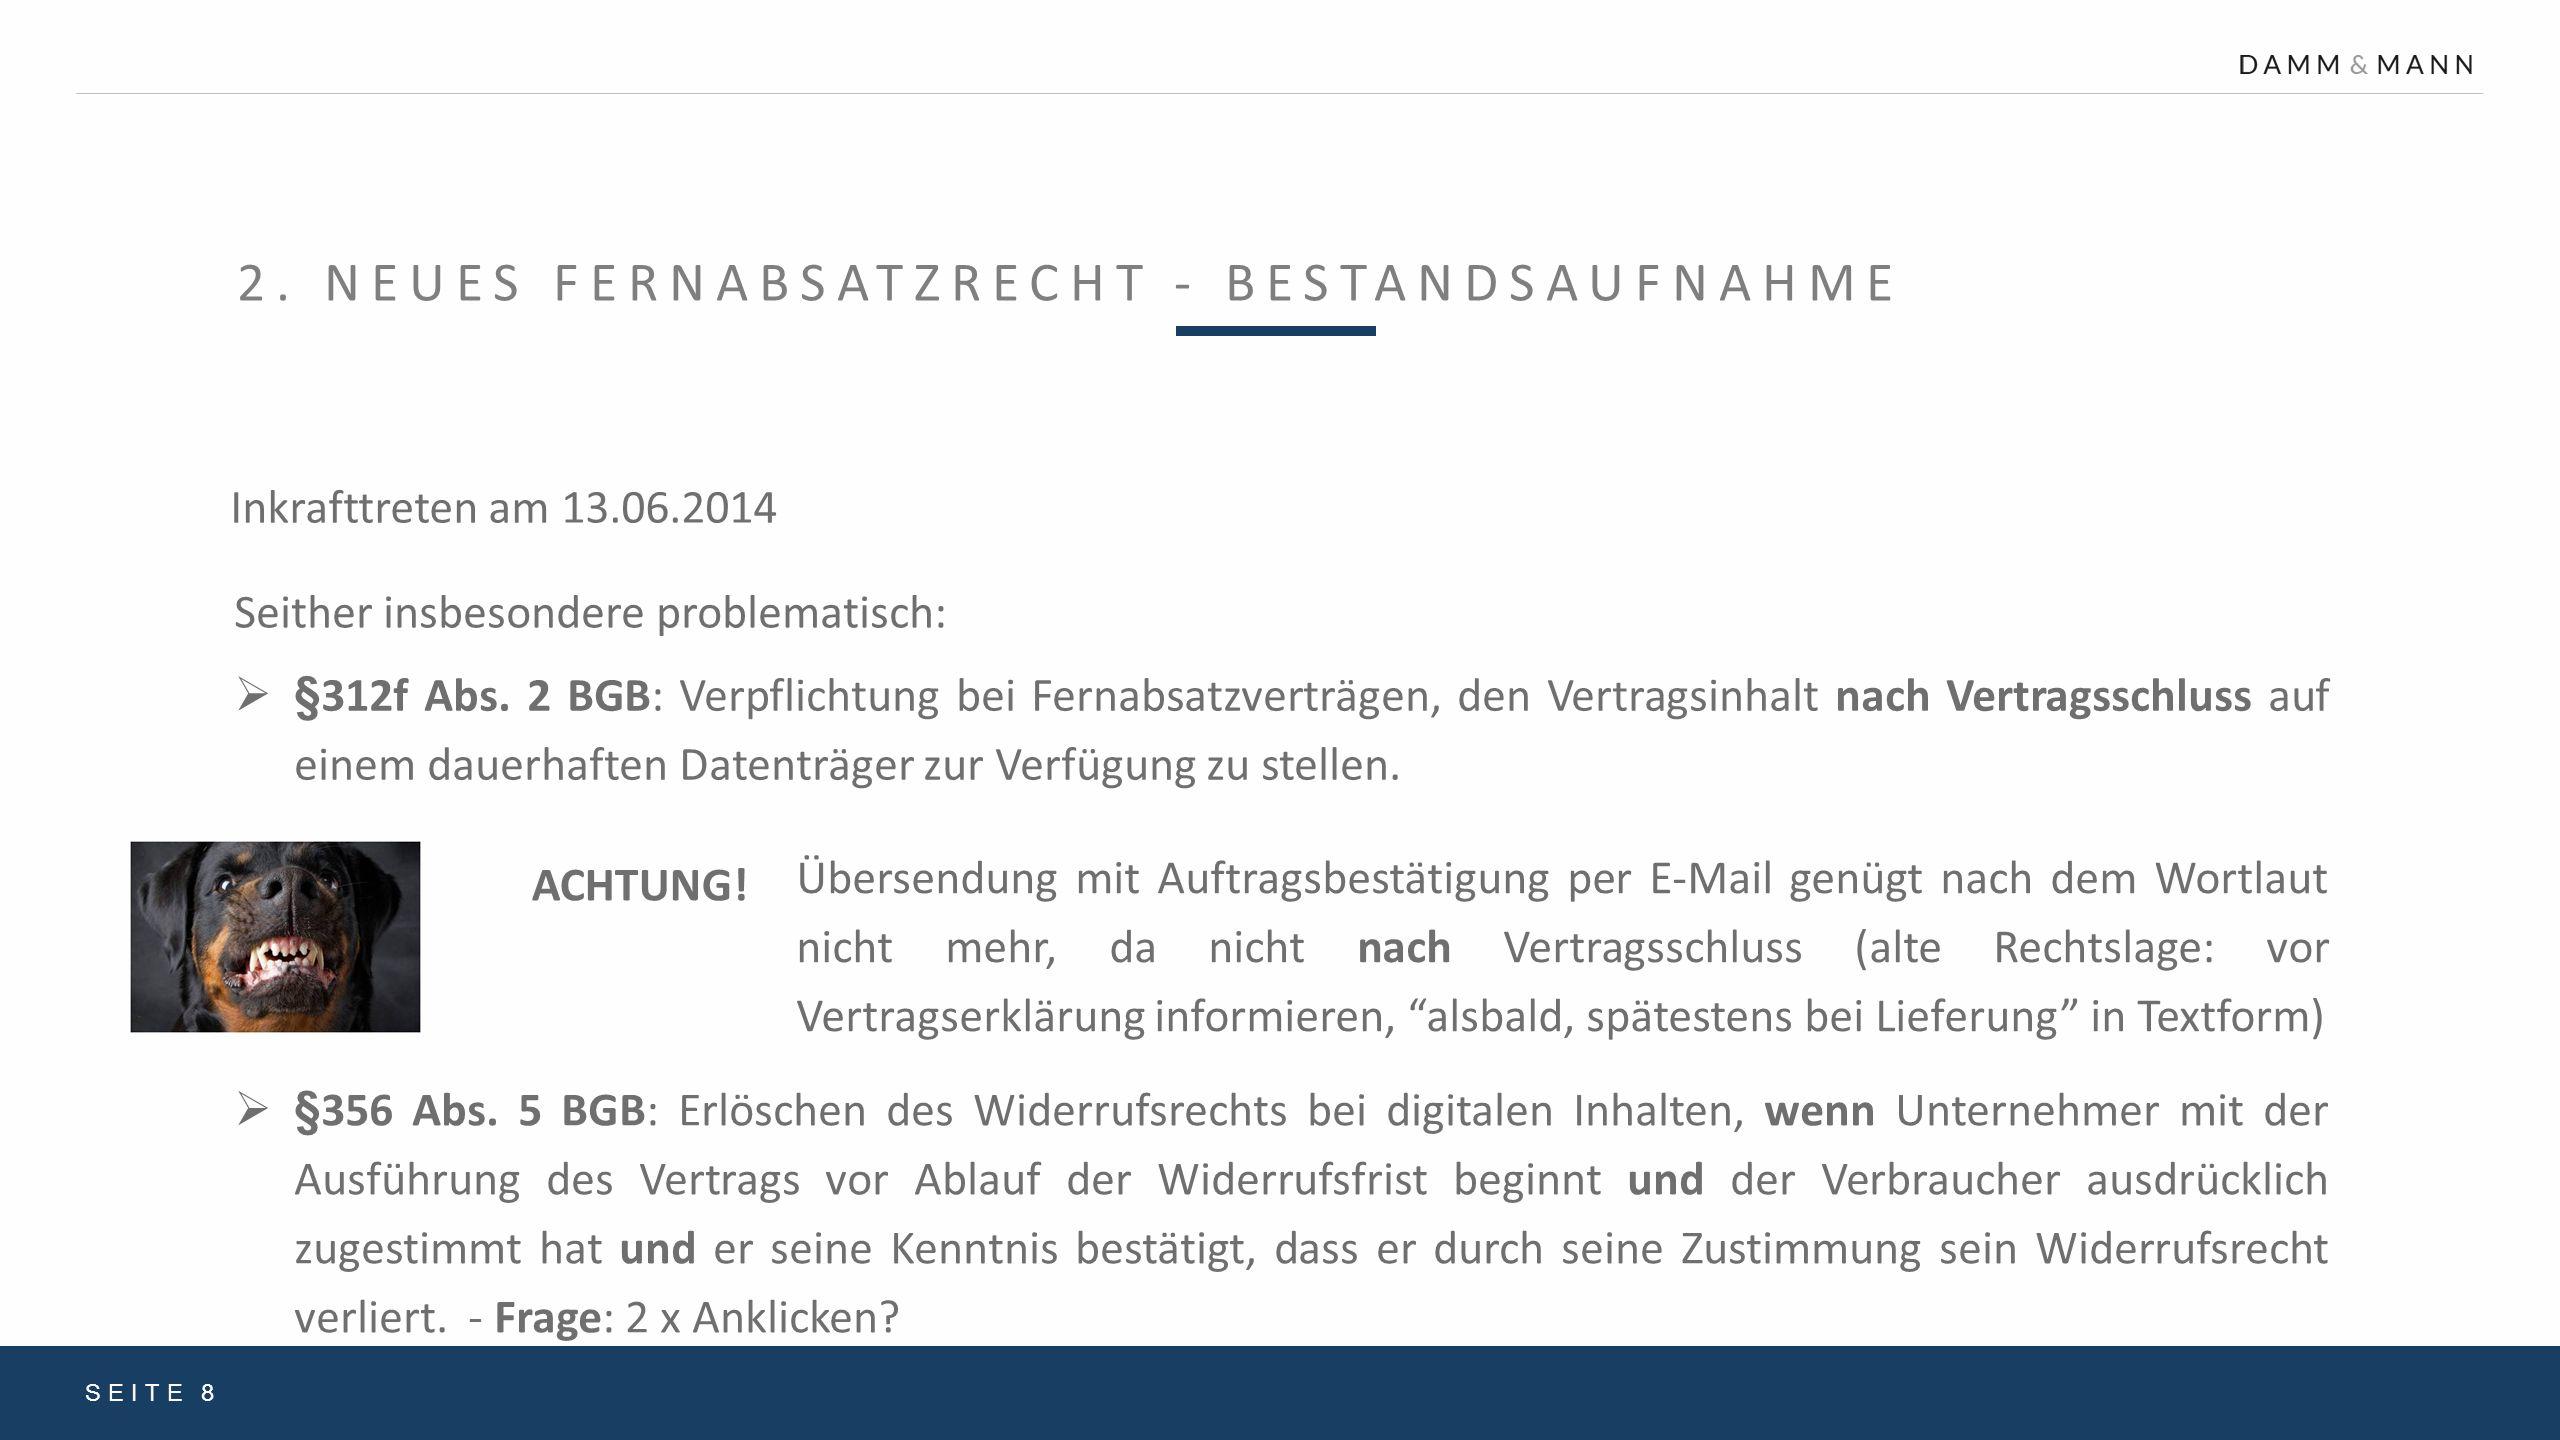 2. NEUES FERNABSATZRECHT - BESTANDSAUFNAHME Inkrafttreten am 13.06.2014 SEITE 8 Seither insbesondere problematisch:  §312f Abs. 2 BGB: Verpflichtung